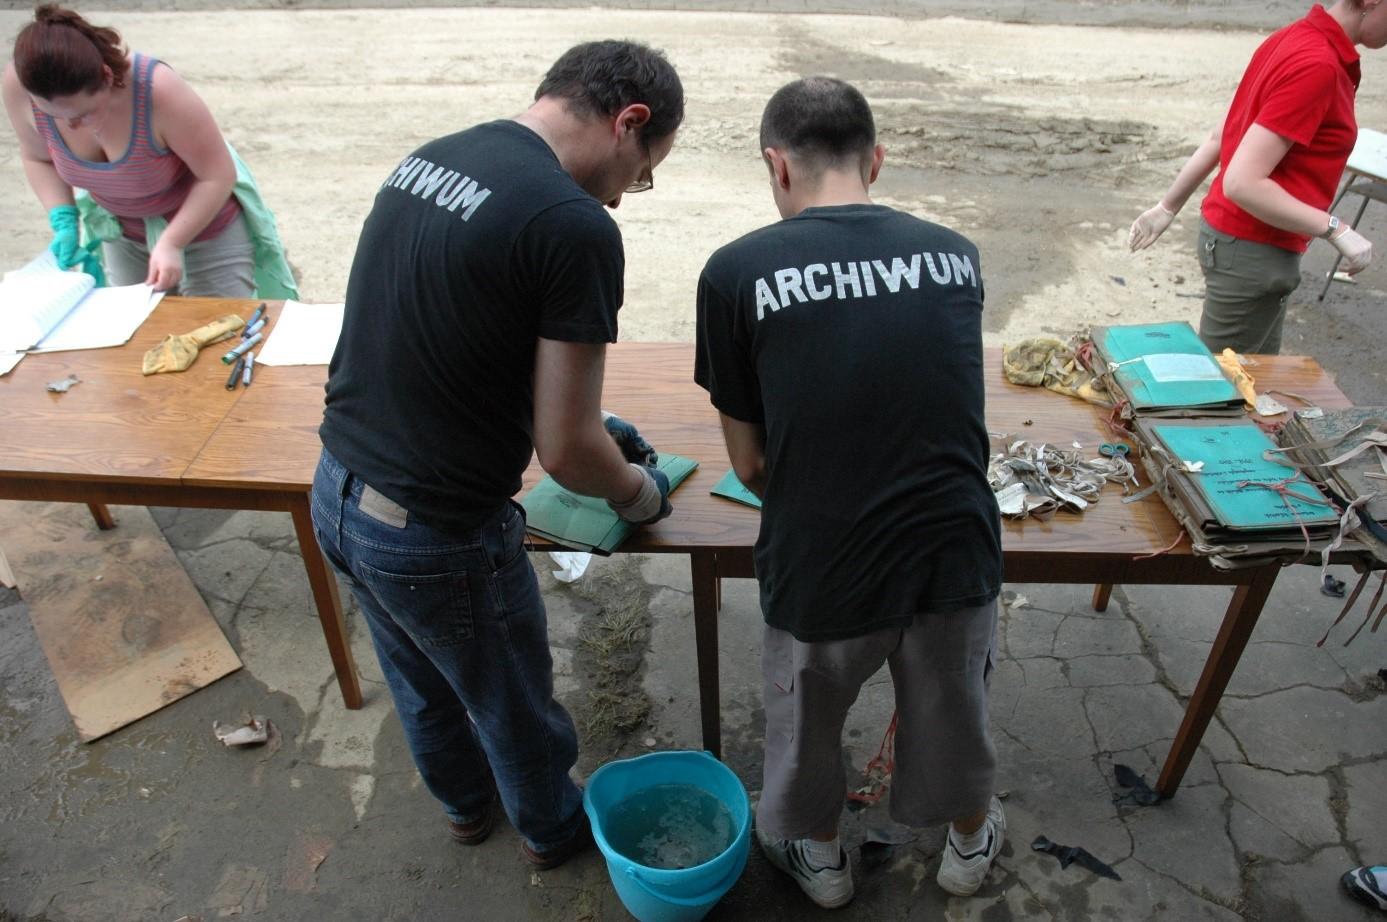 Czyszczenie zabrudzonych materiałów archowalnych